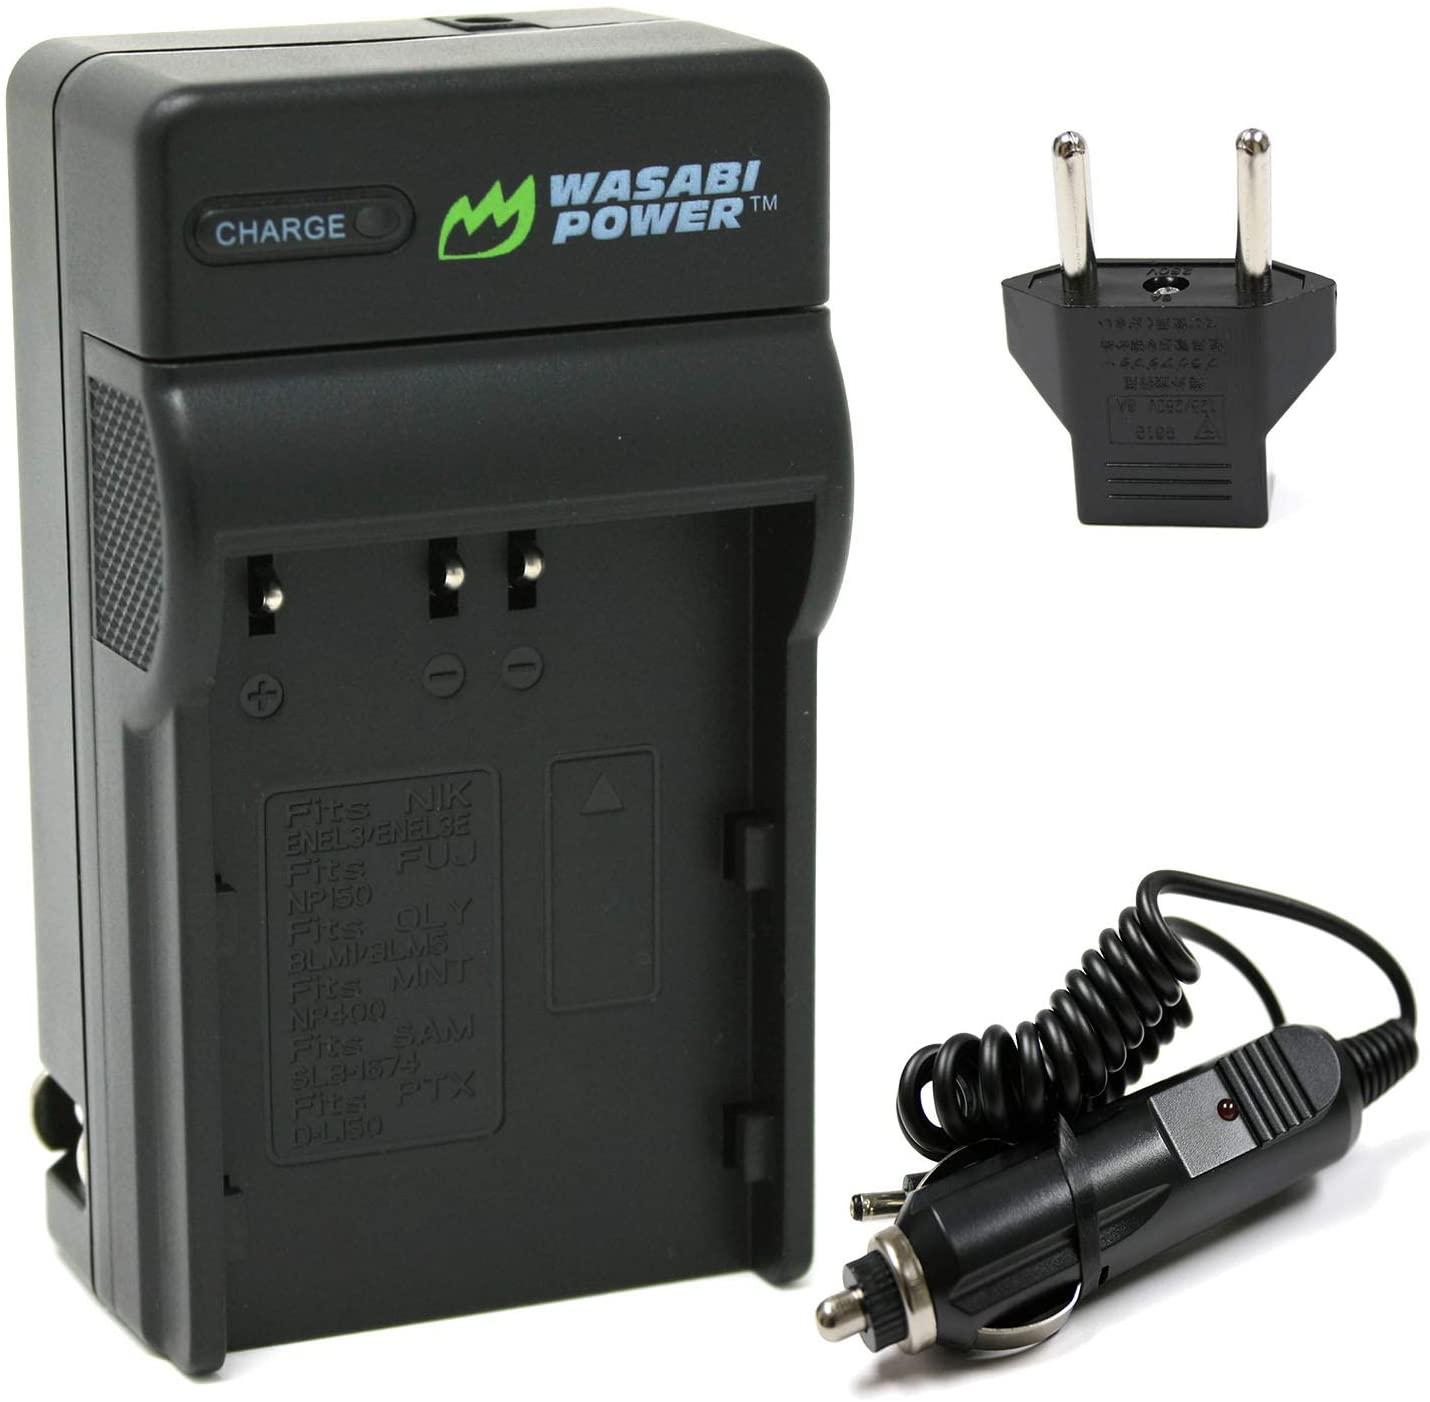 Wasabi Power Battery Charger for Konica Minolta NP-400 and Konica Minolta a Sweet Digital, a-5 Digital, a-7 Digital, DiMAGE A2, Dynax 5D, Dynax 7D, Maxxum 5D, Maxxum 7D